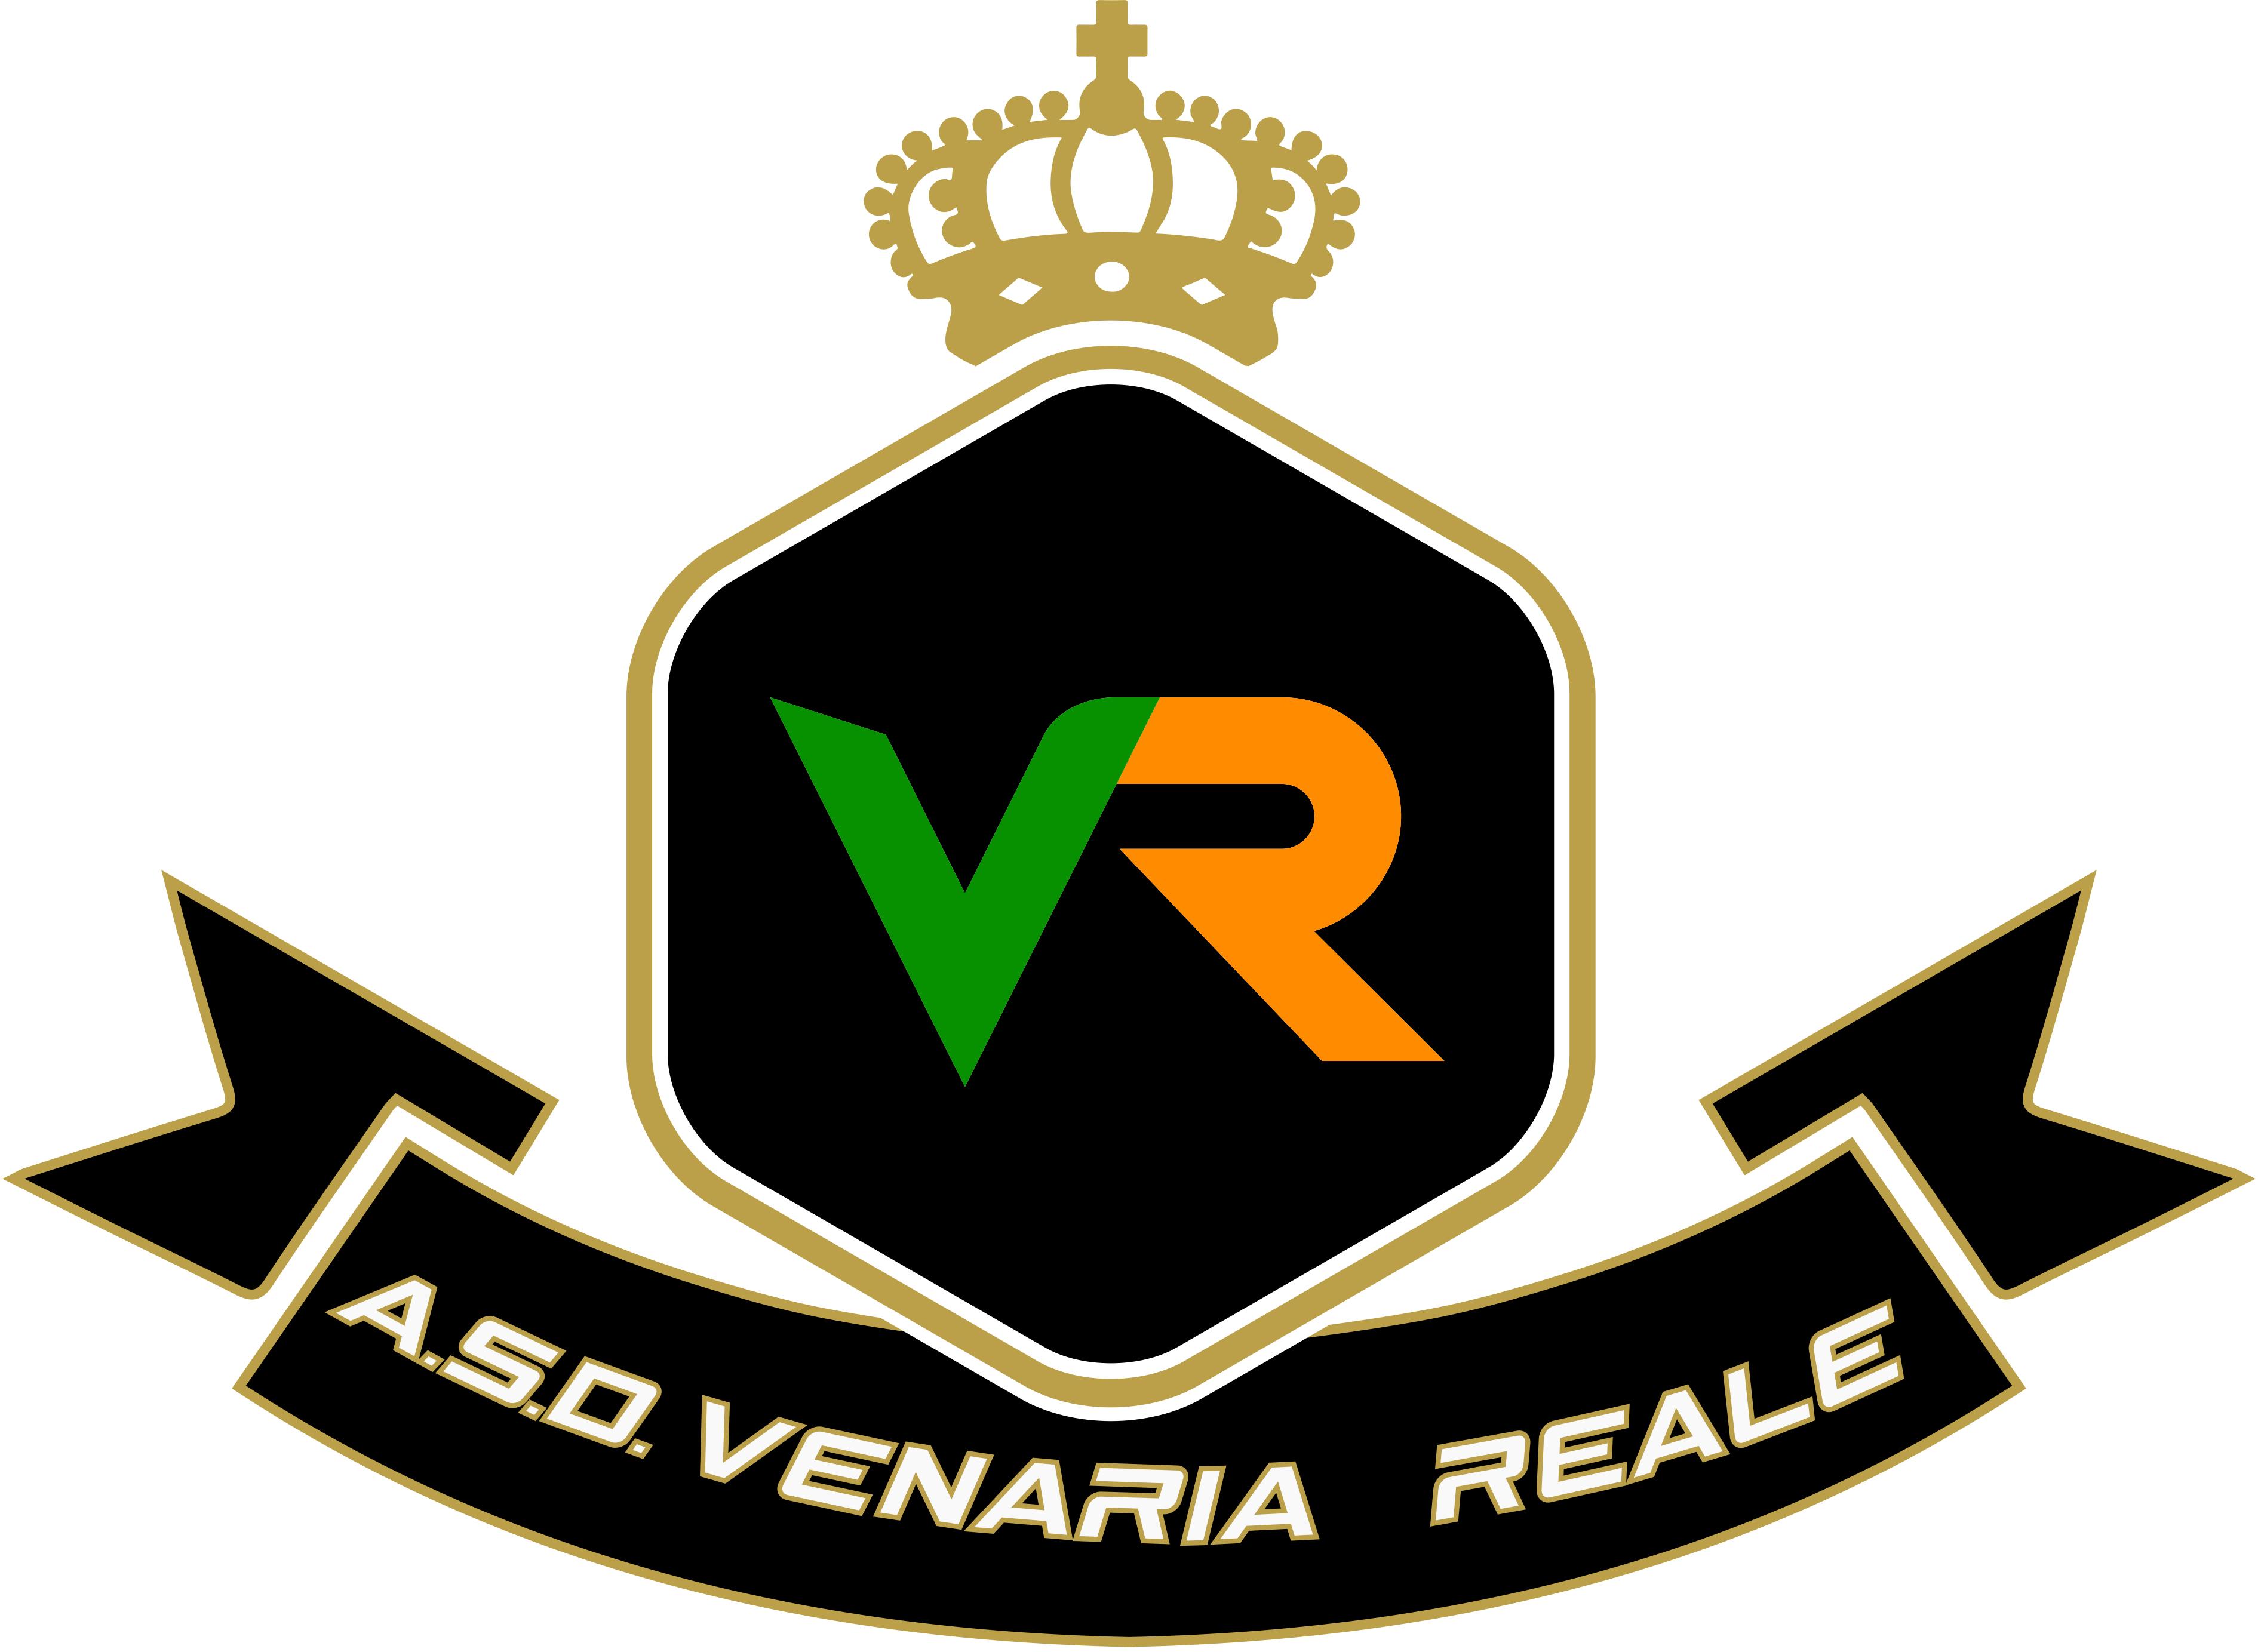 Venaria R.